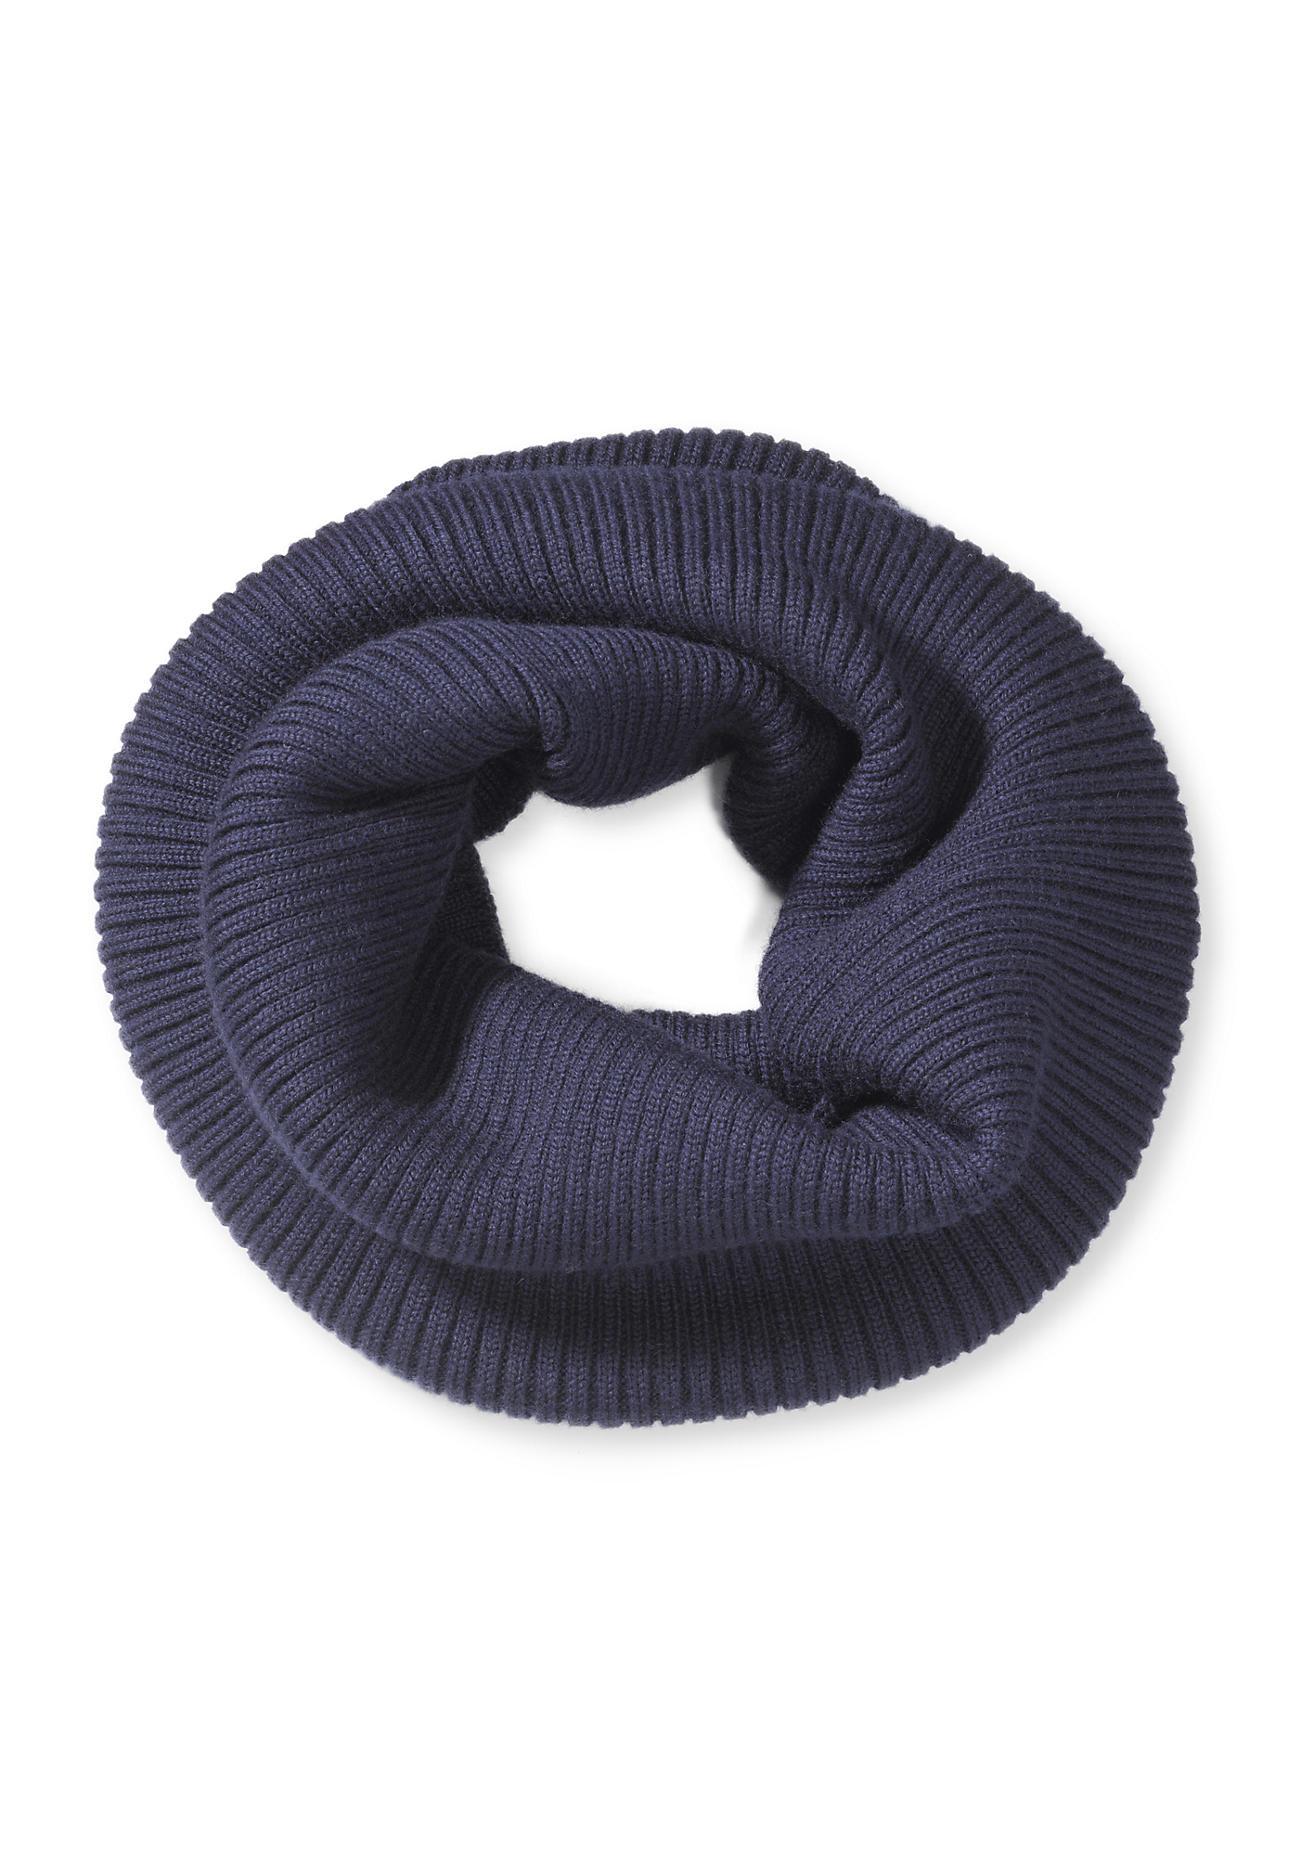 hessnatur Loop-Schal aus Merinowolle – blau – Größe 22x36 cm